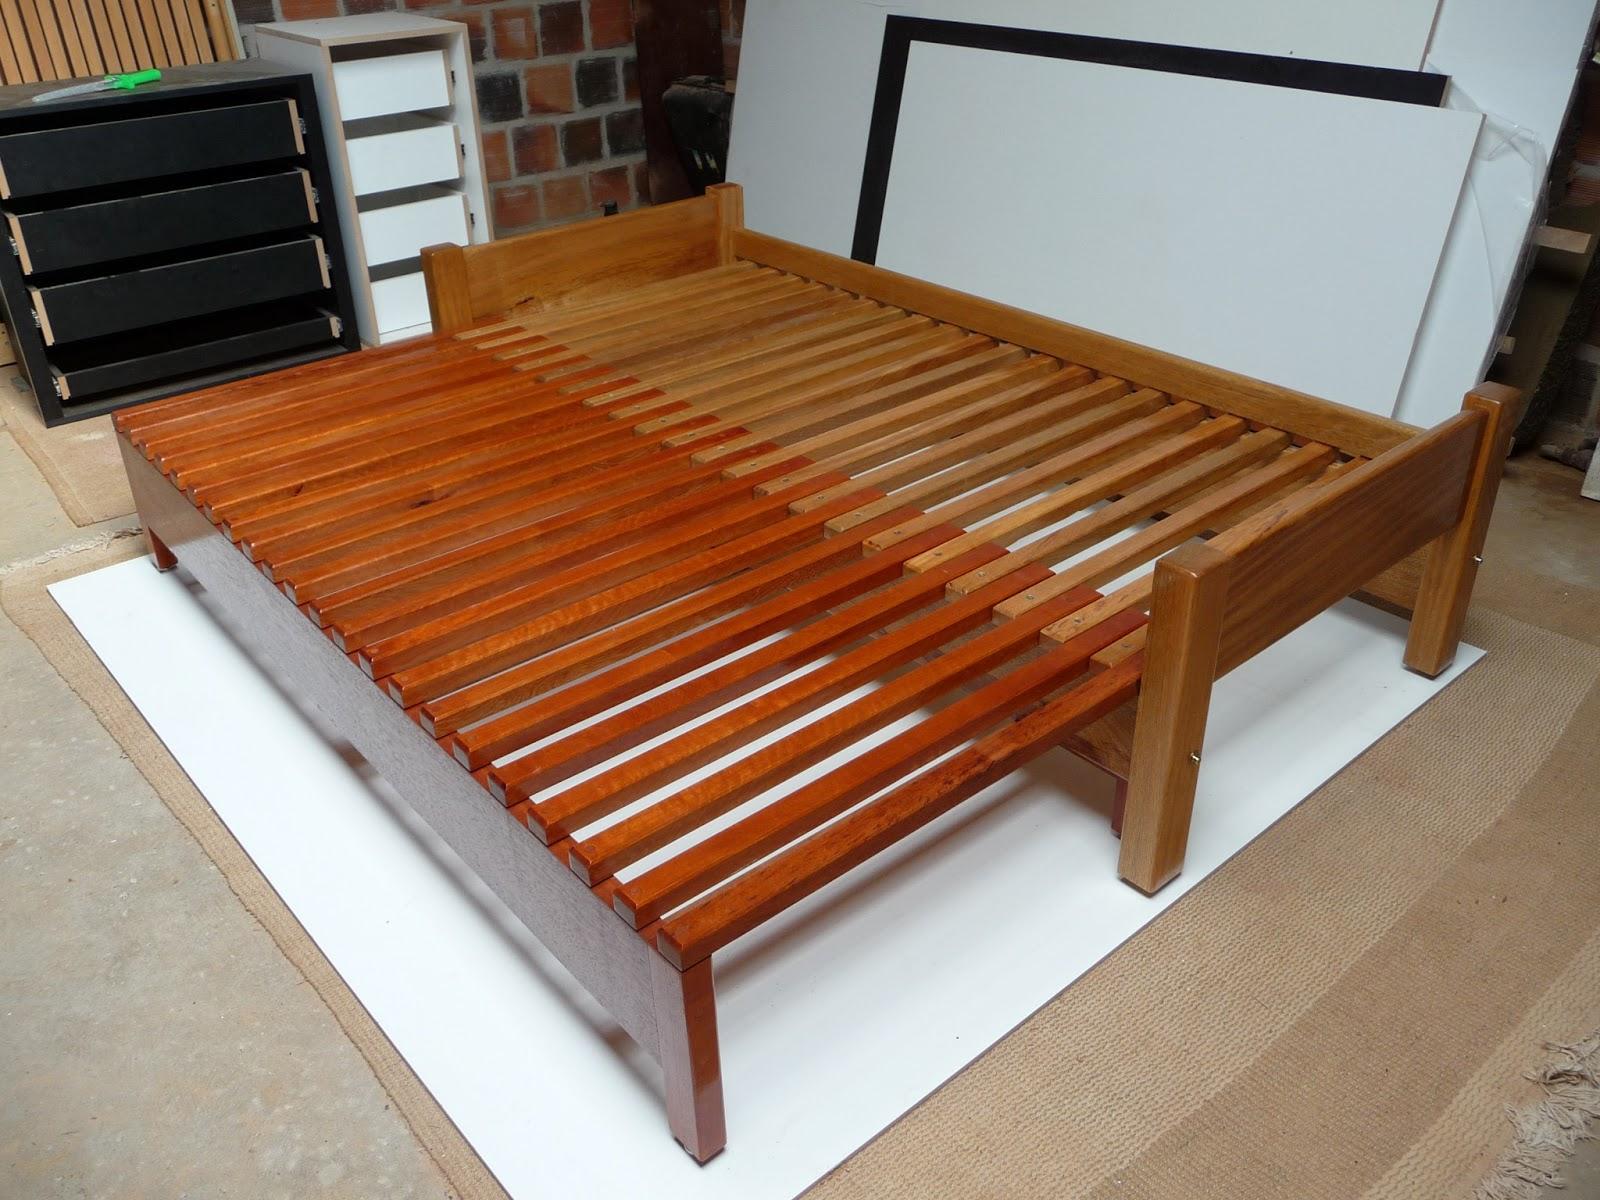 Atelier do pianc for Sofa que vira beliche preco